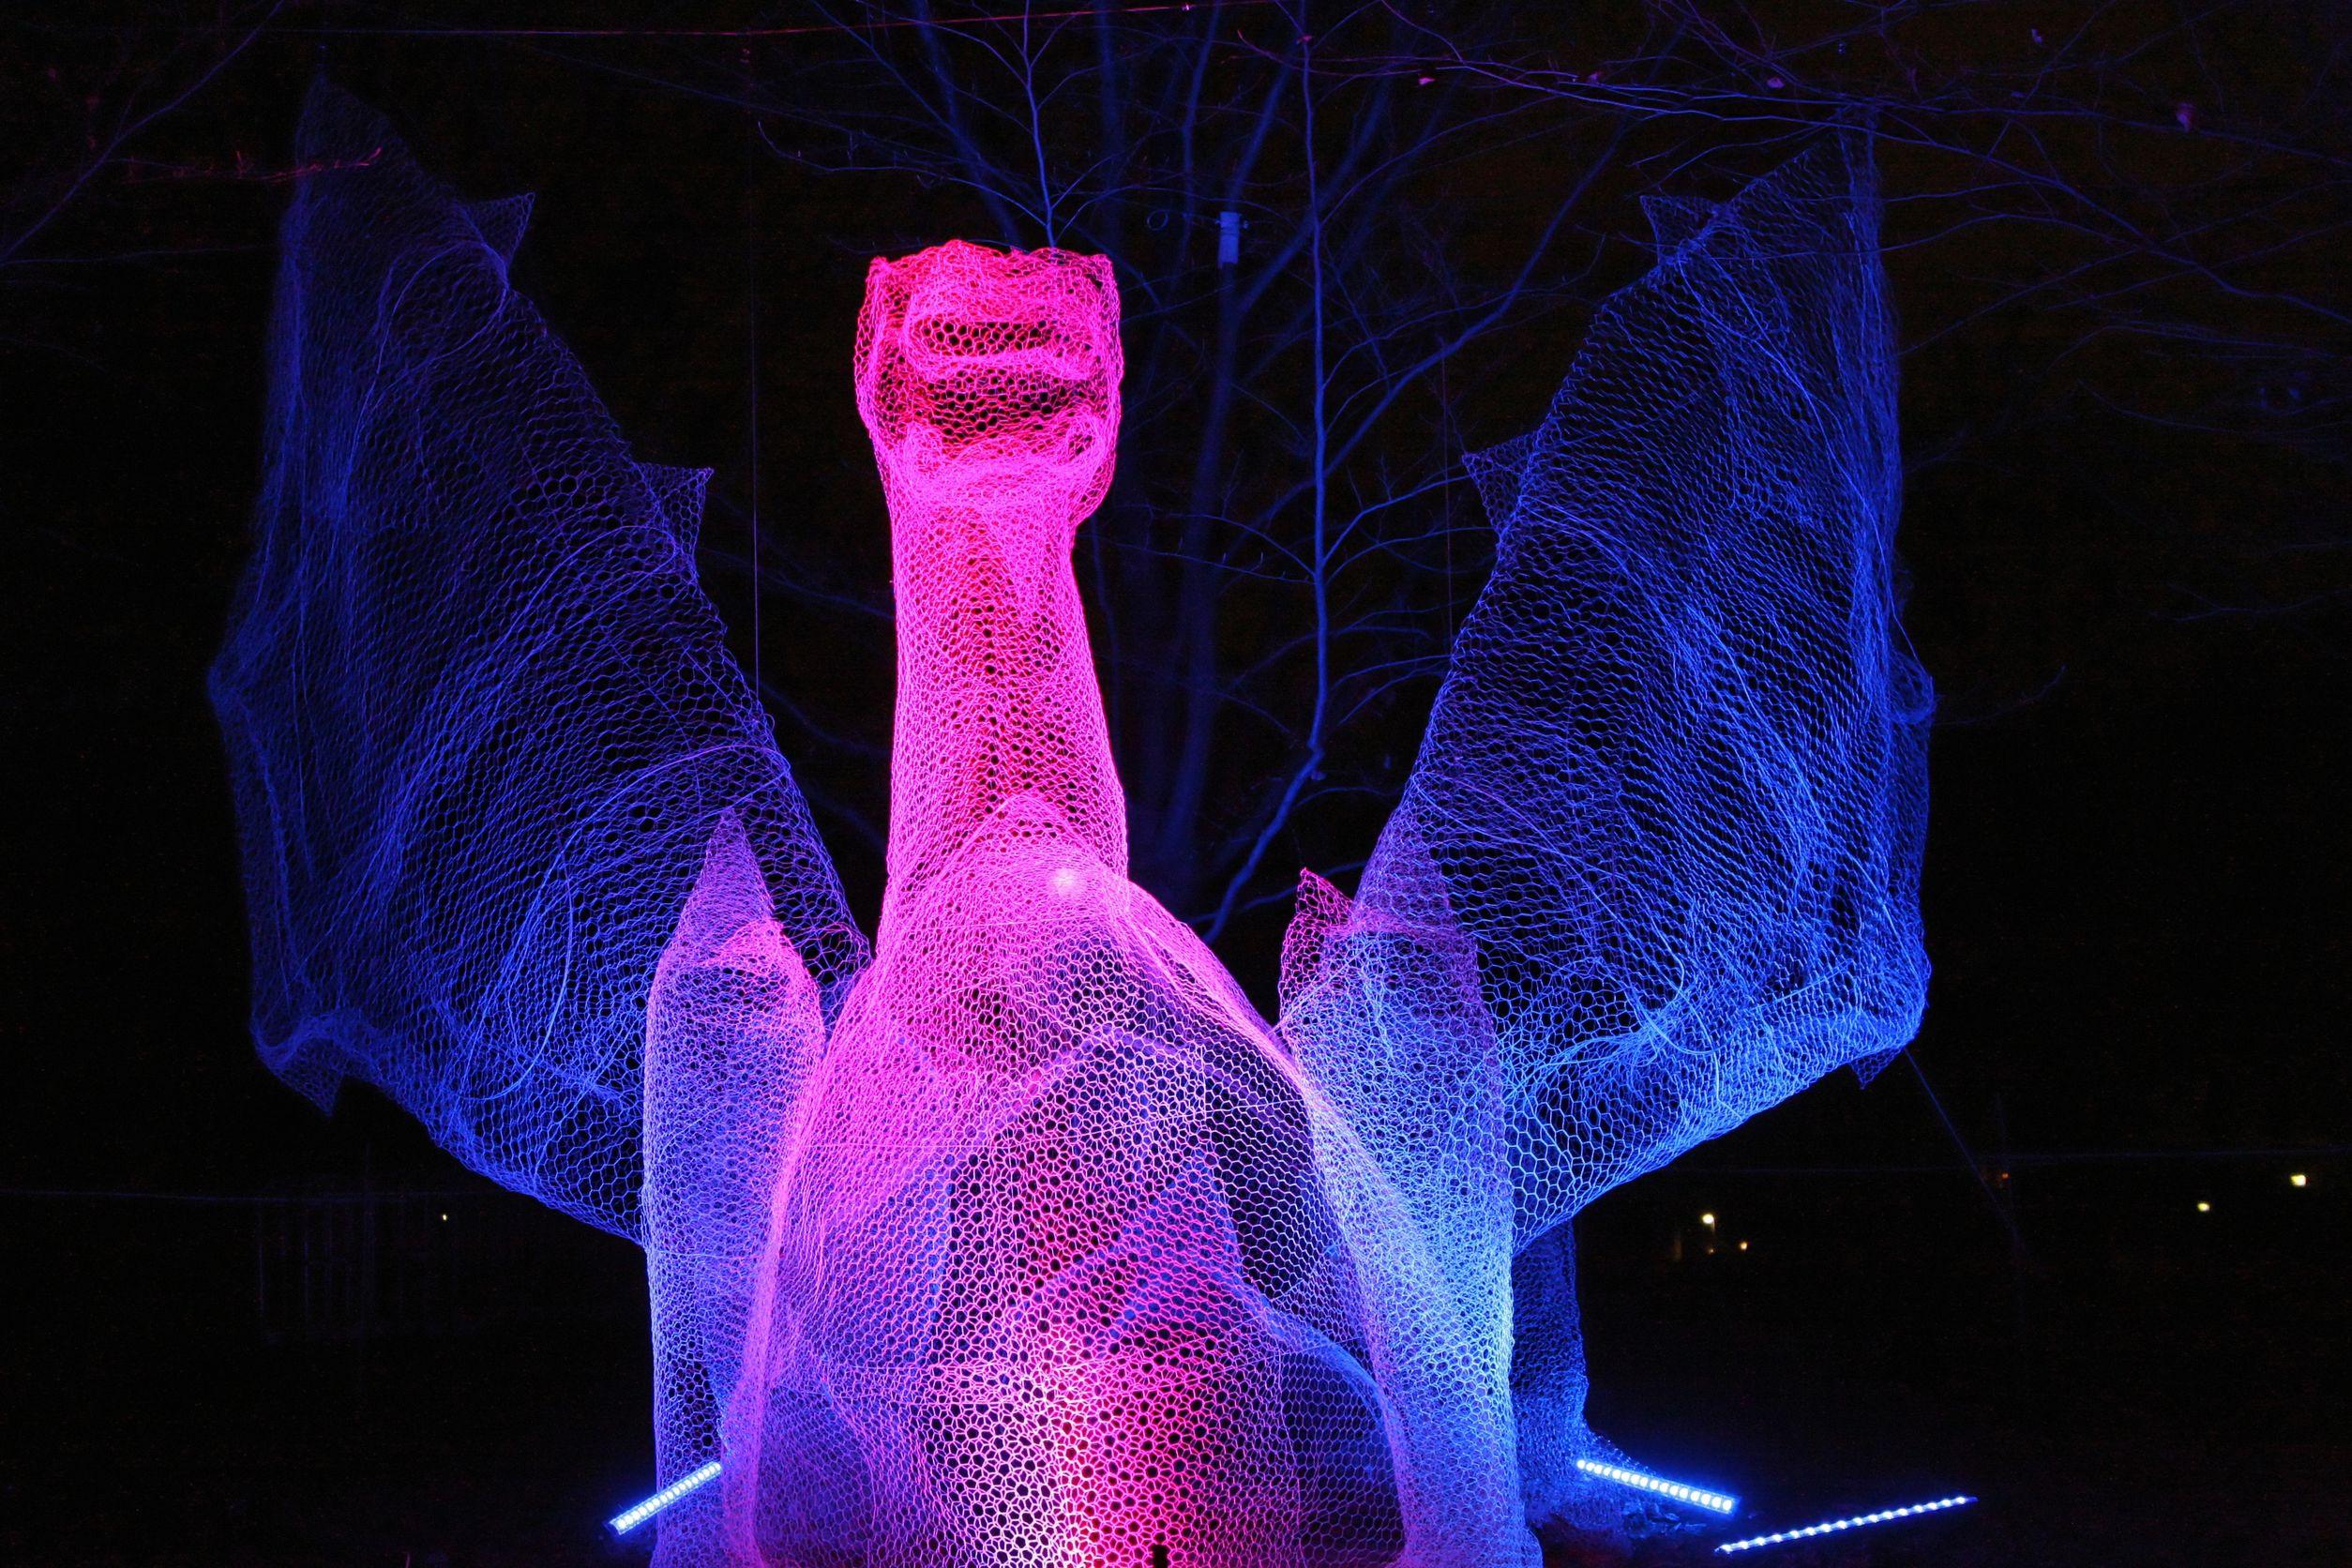 Lyon Festival Of Light - dragon installation